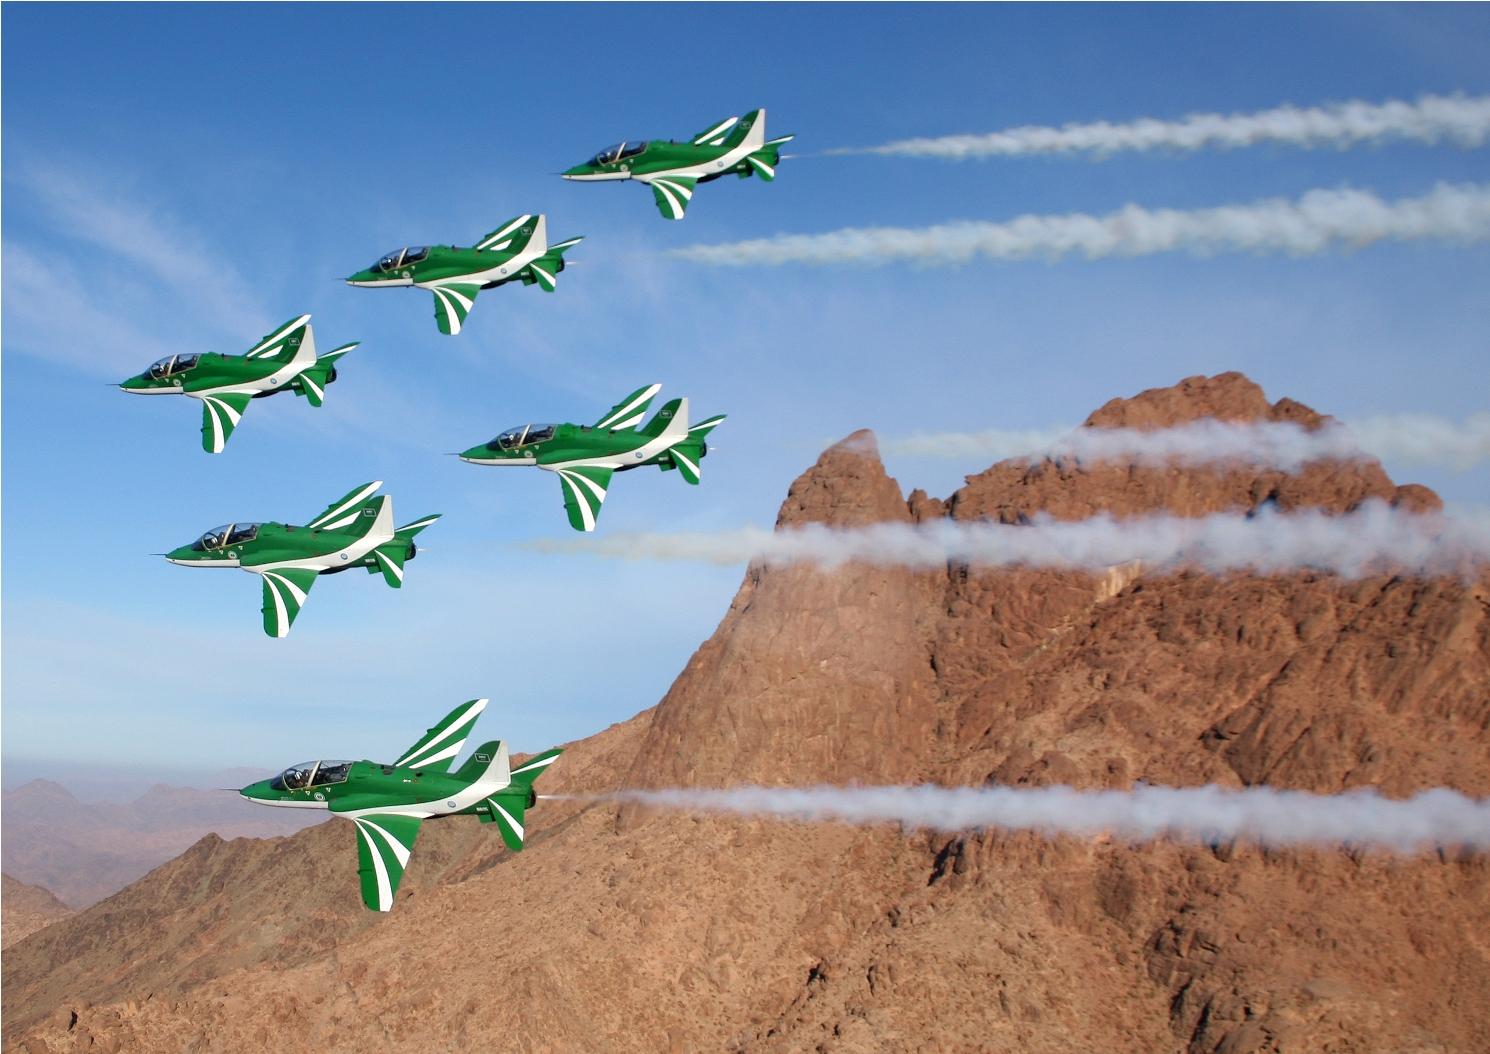 الموسوعه الفوغترافيه لصور القوات الجويه الملكيه السعوديه ( rsaf ) Image+1+-+2011+Al+Ain+Aerobatic+Show+press+release+29+01+11